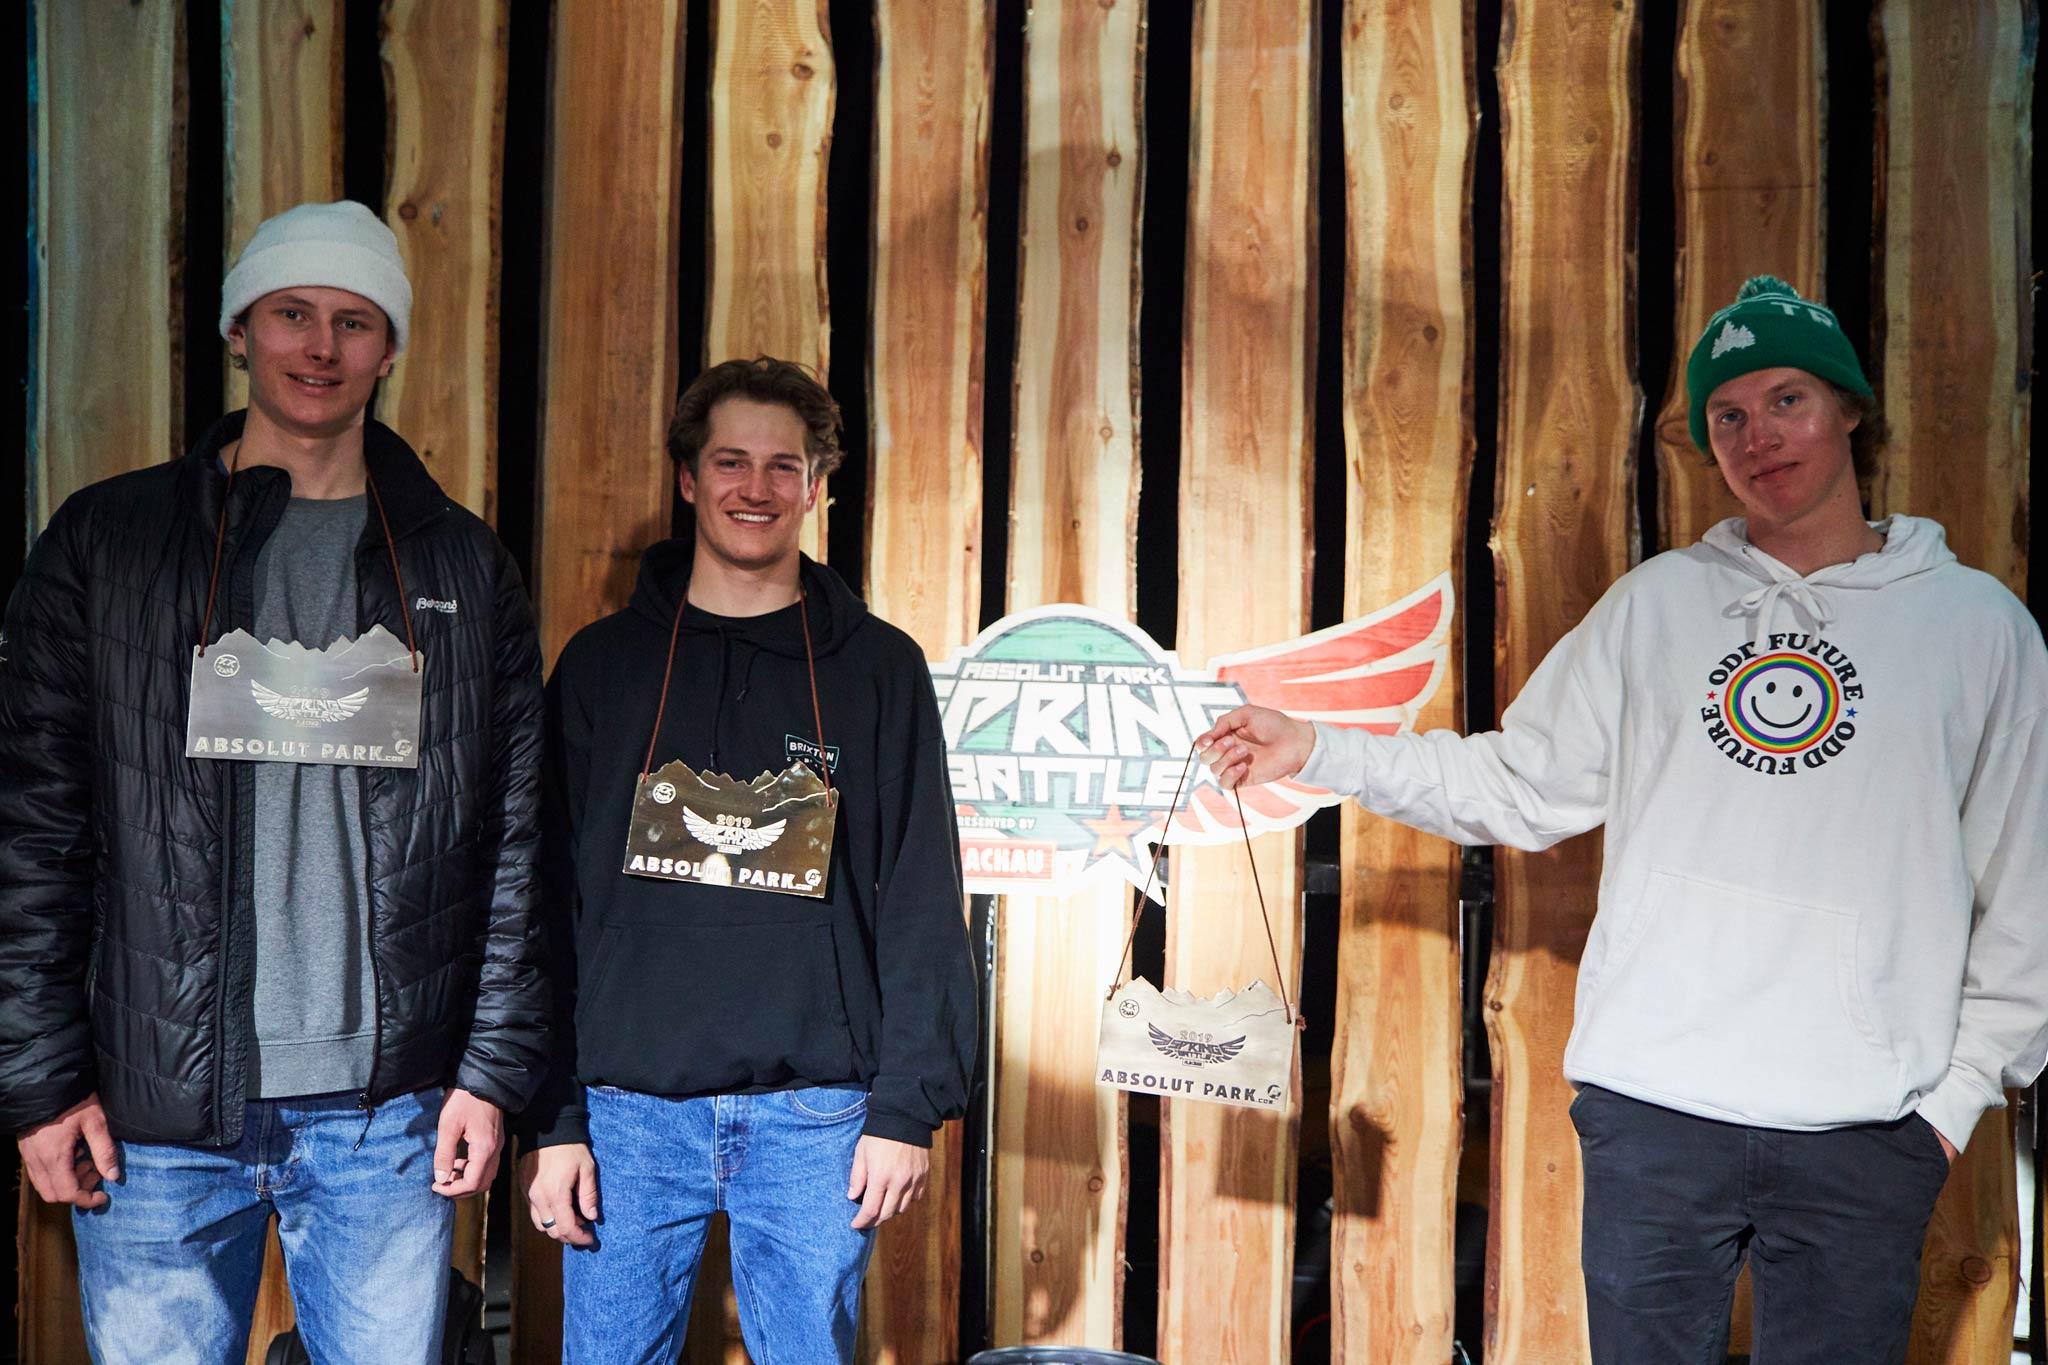 Die vier besten Männer: Oliwer Magnusson (2.), Colin Willi (1.), Andri Ragettli (3.) (nicht im Bild) & Joona Kangas (4.) - Foto: Sophie Kirchner